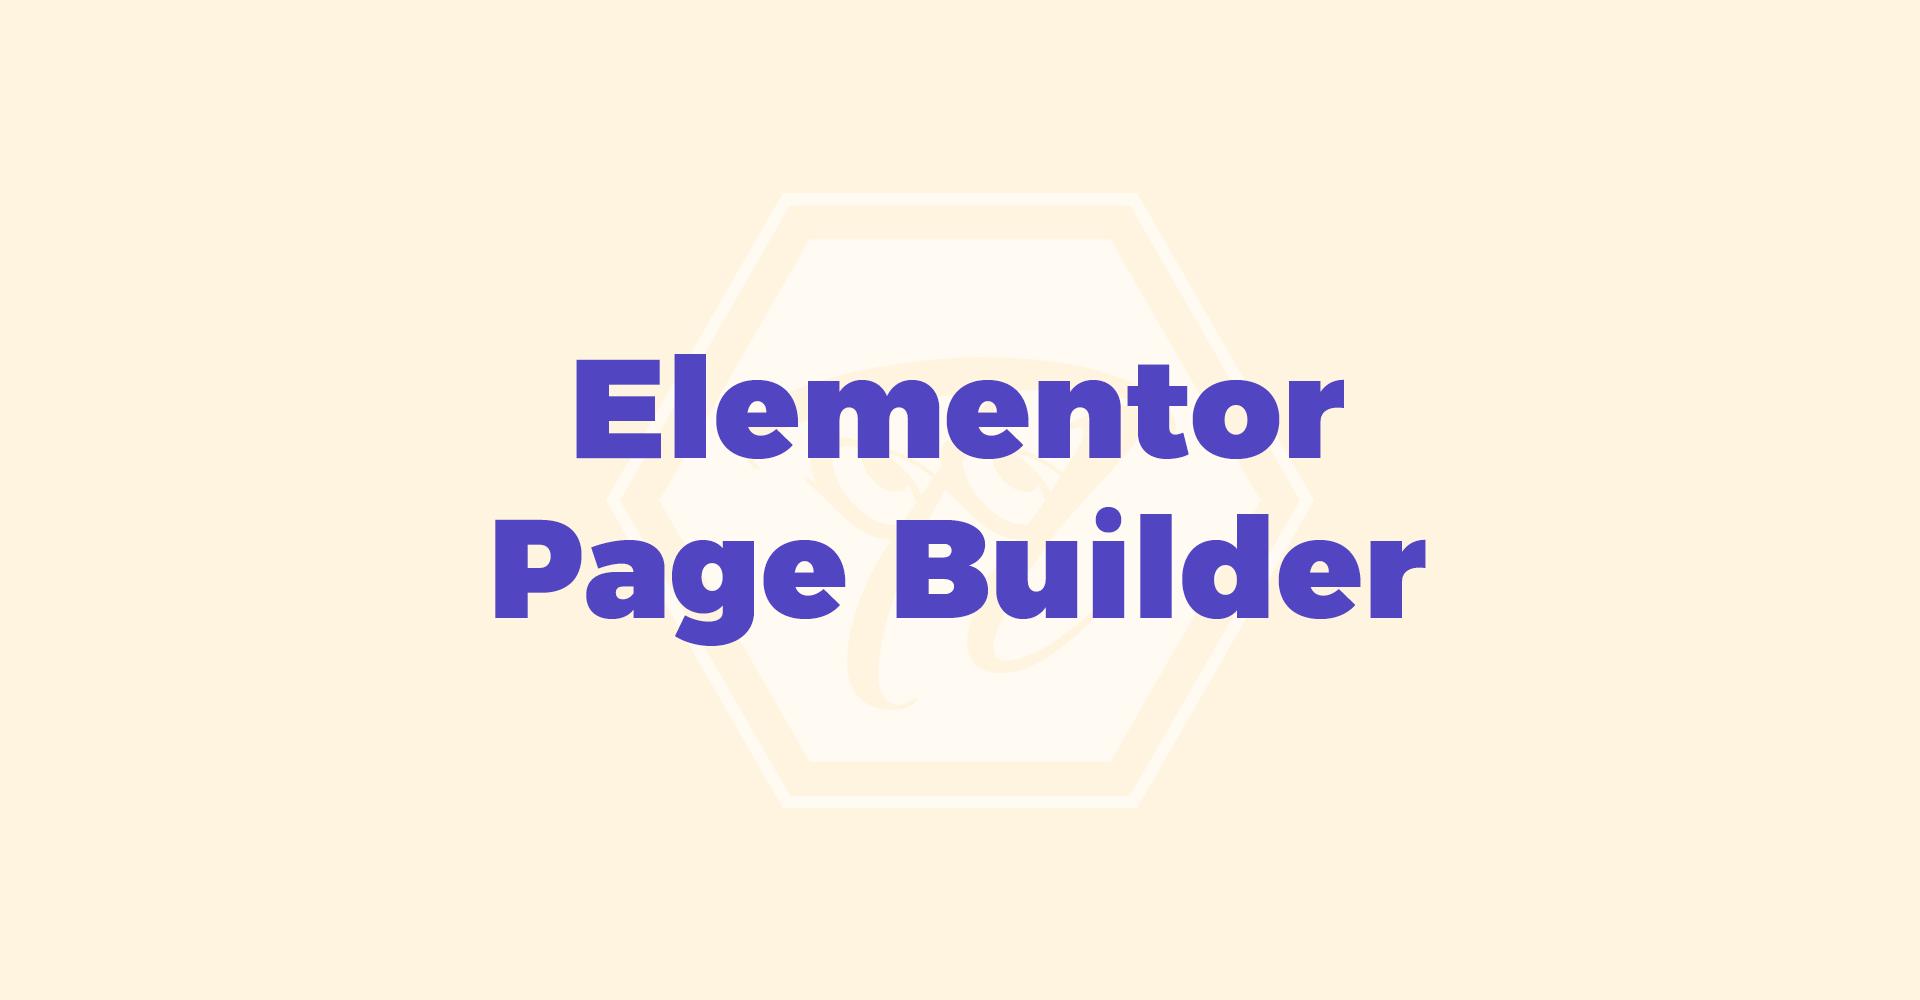 elementor_page_bulder 1 1